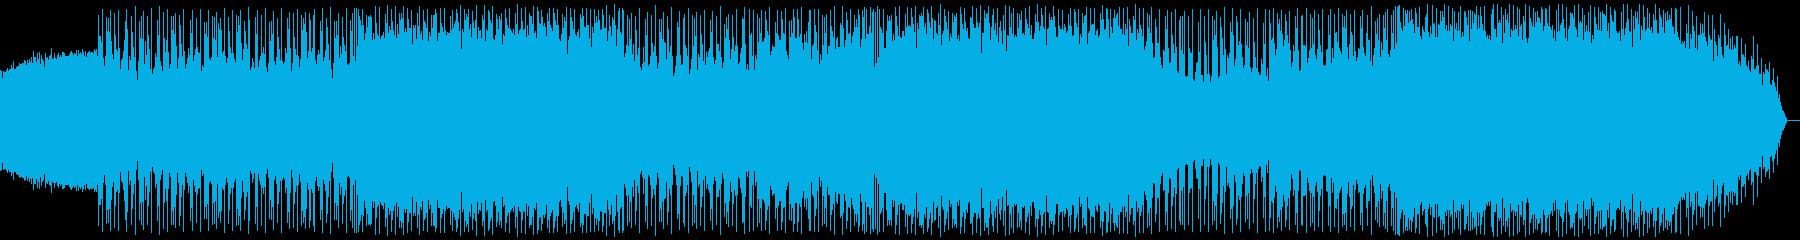 代替ポップロック。高騰ポジティブな隆起。の再生済みの波形